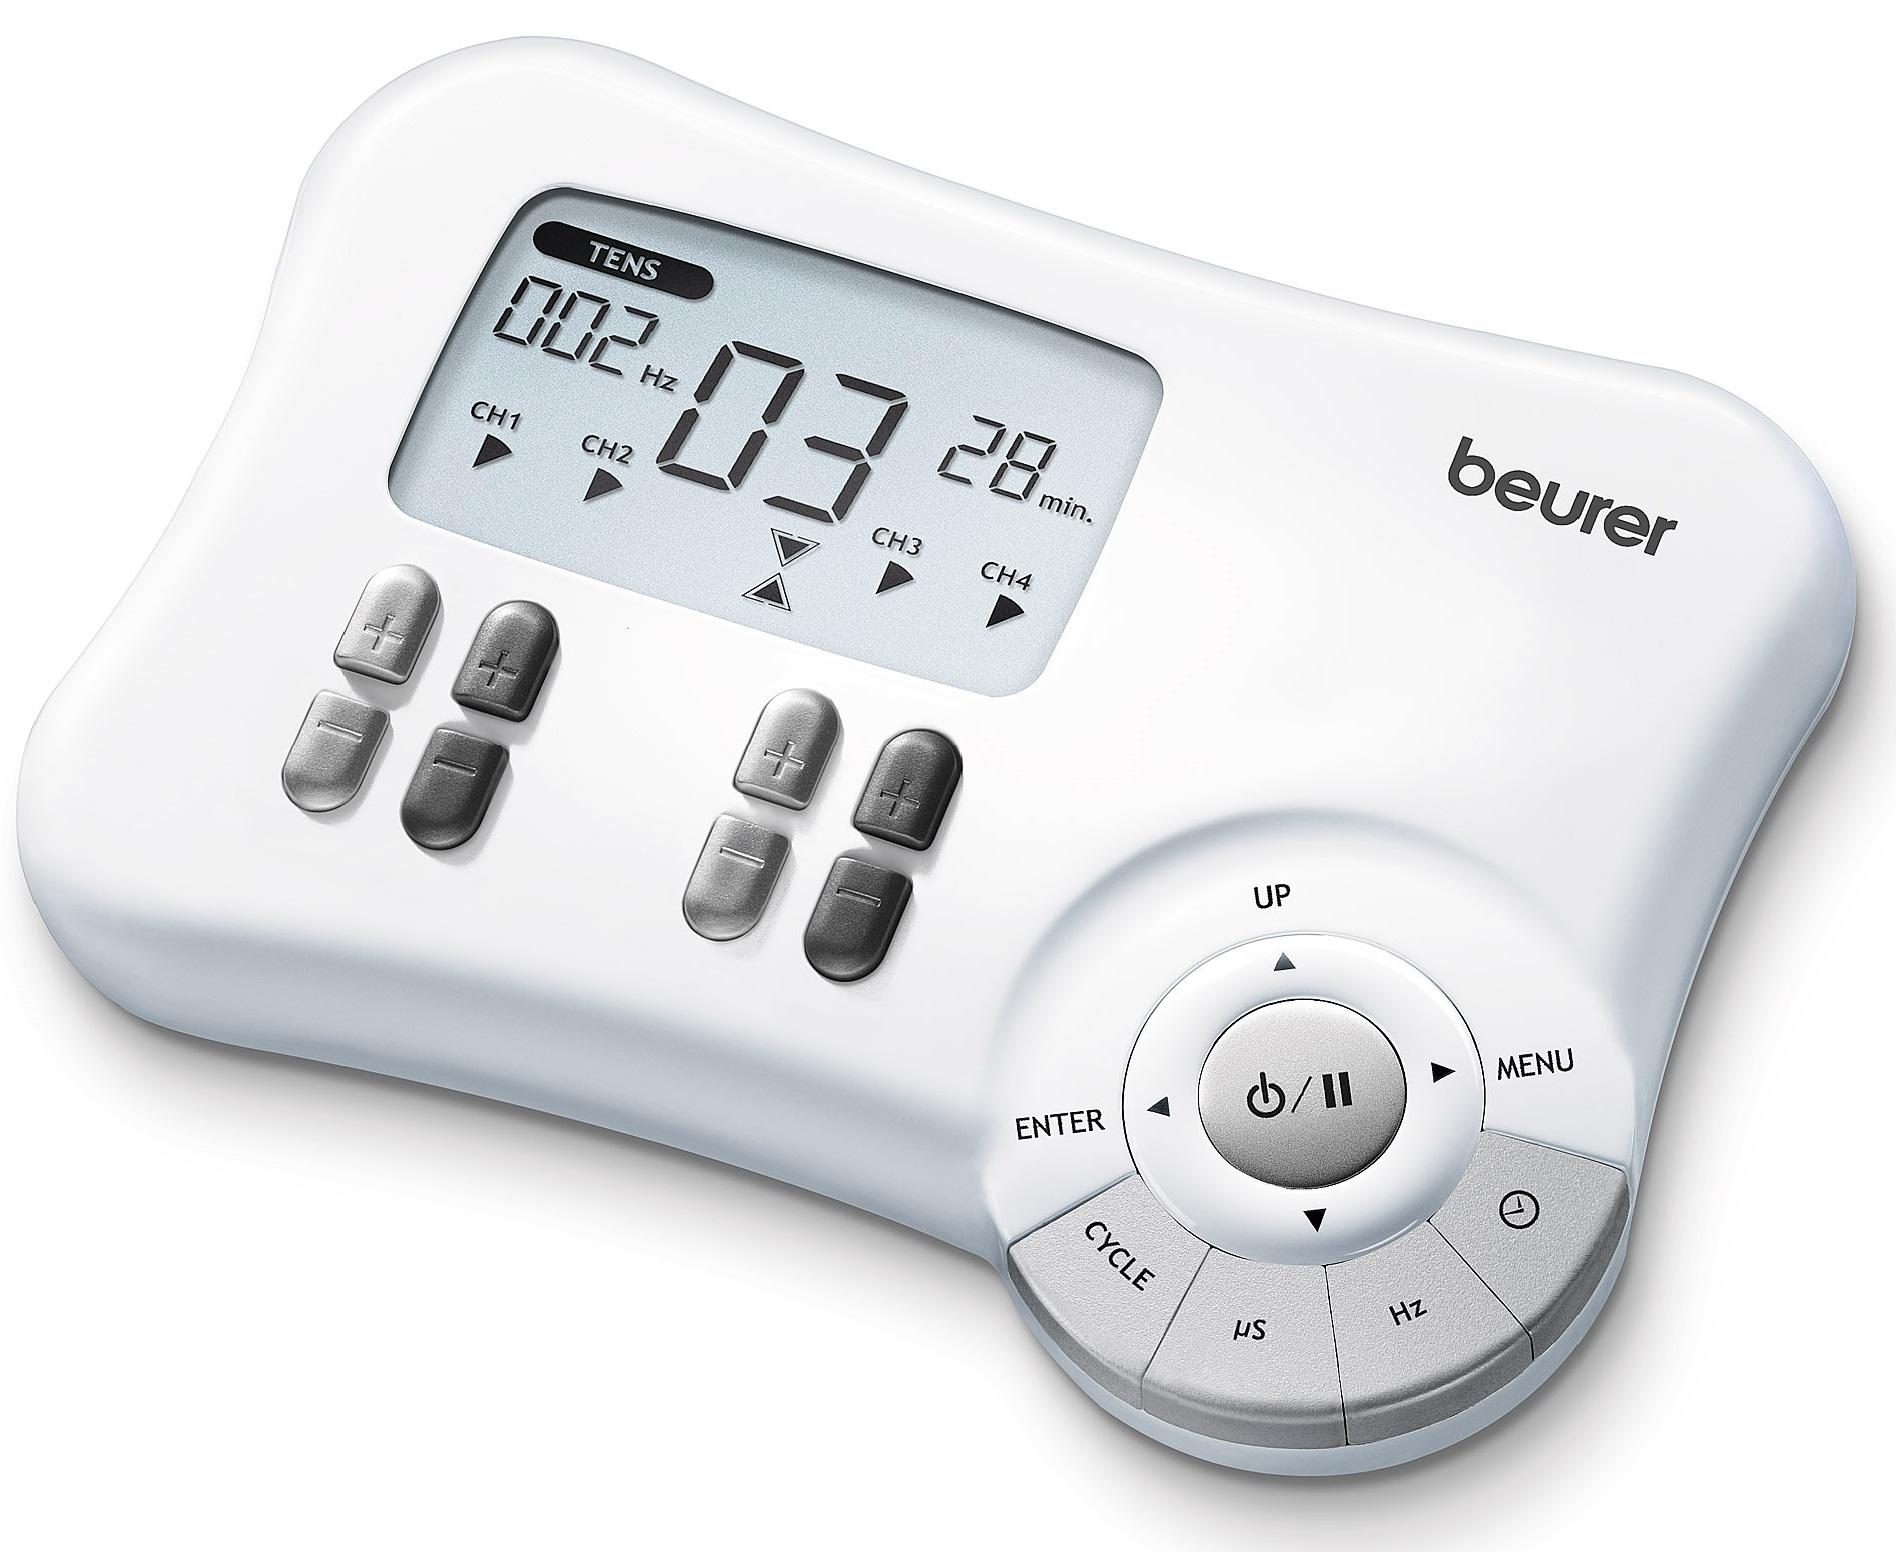 Beurer EM 80 - тренажер-электростимулятор (White)